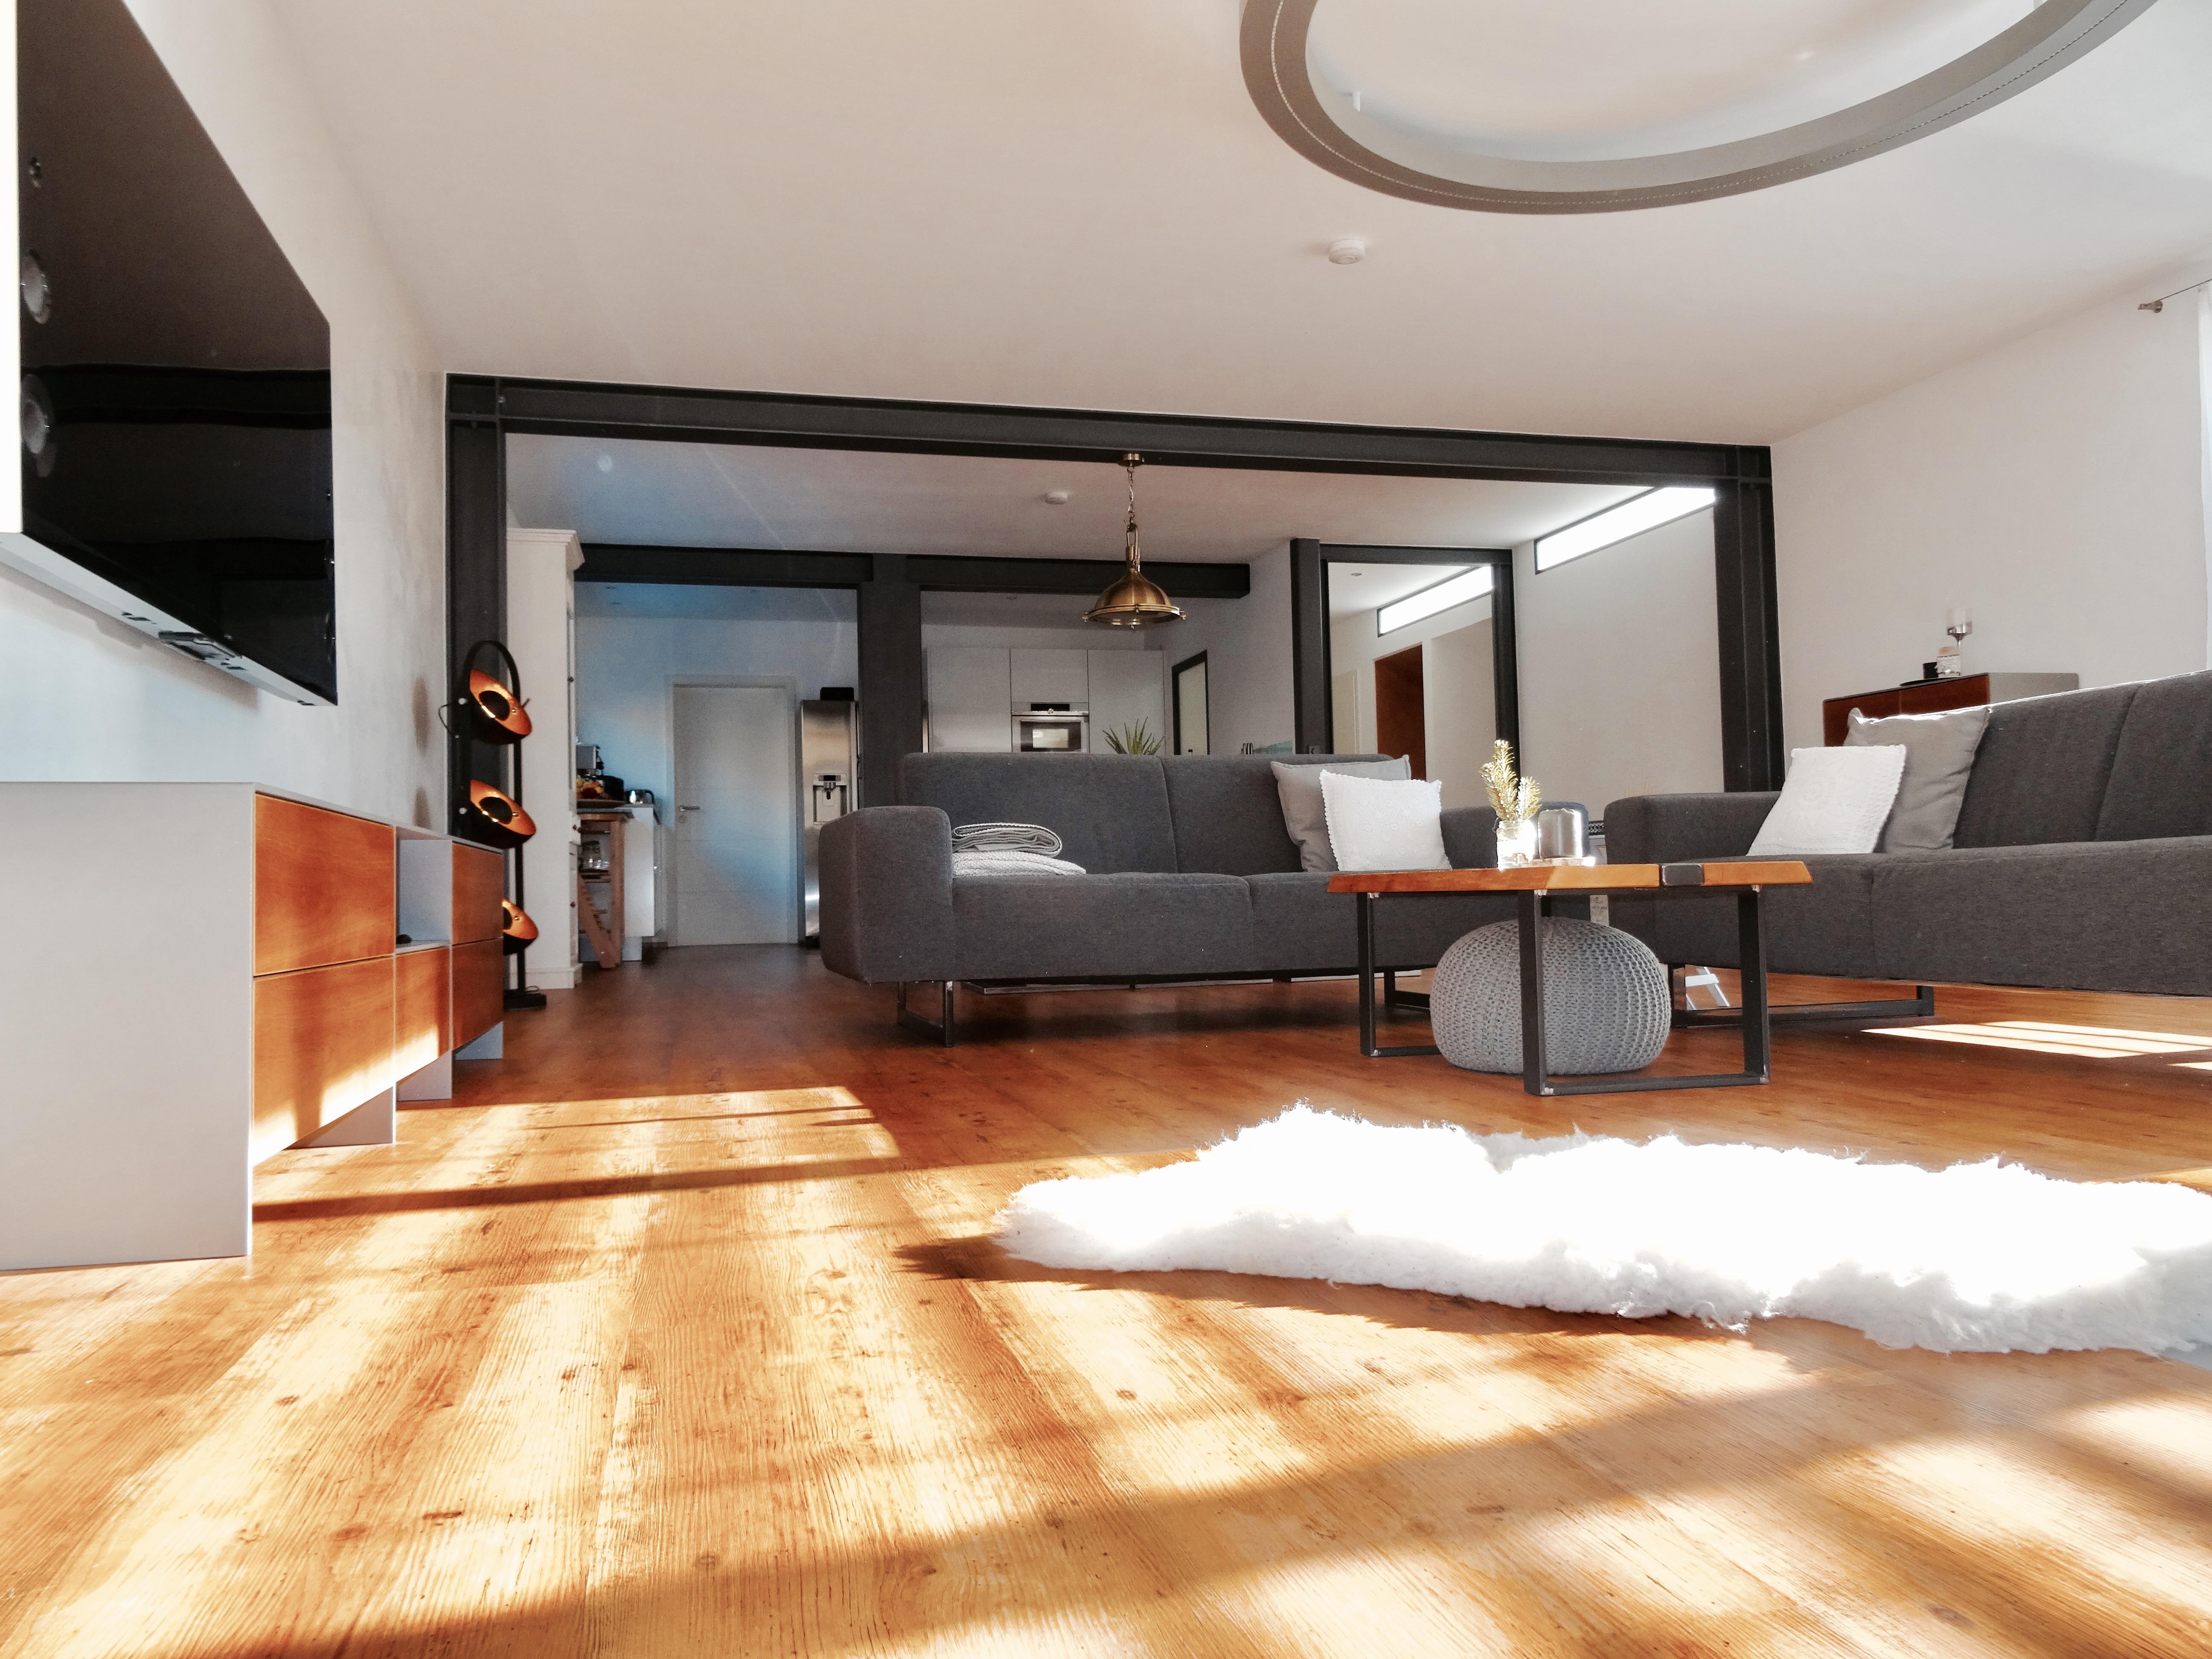 m bel aus holz und stahl im wohnbereich kriga stahl. Black Bedroom Furniture Sets. Home Design Ideas